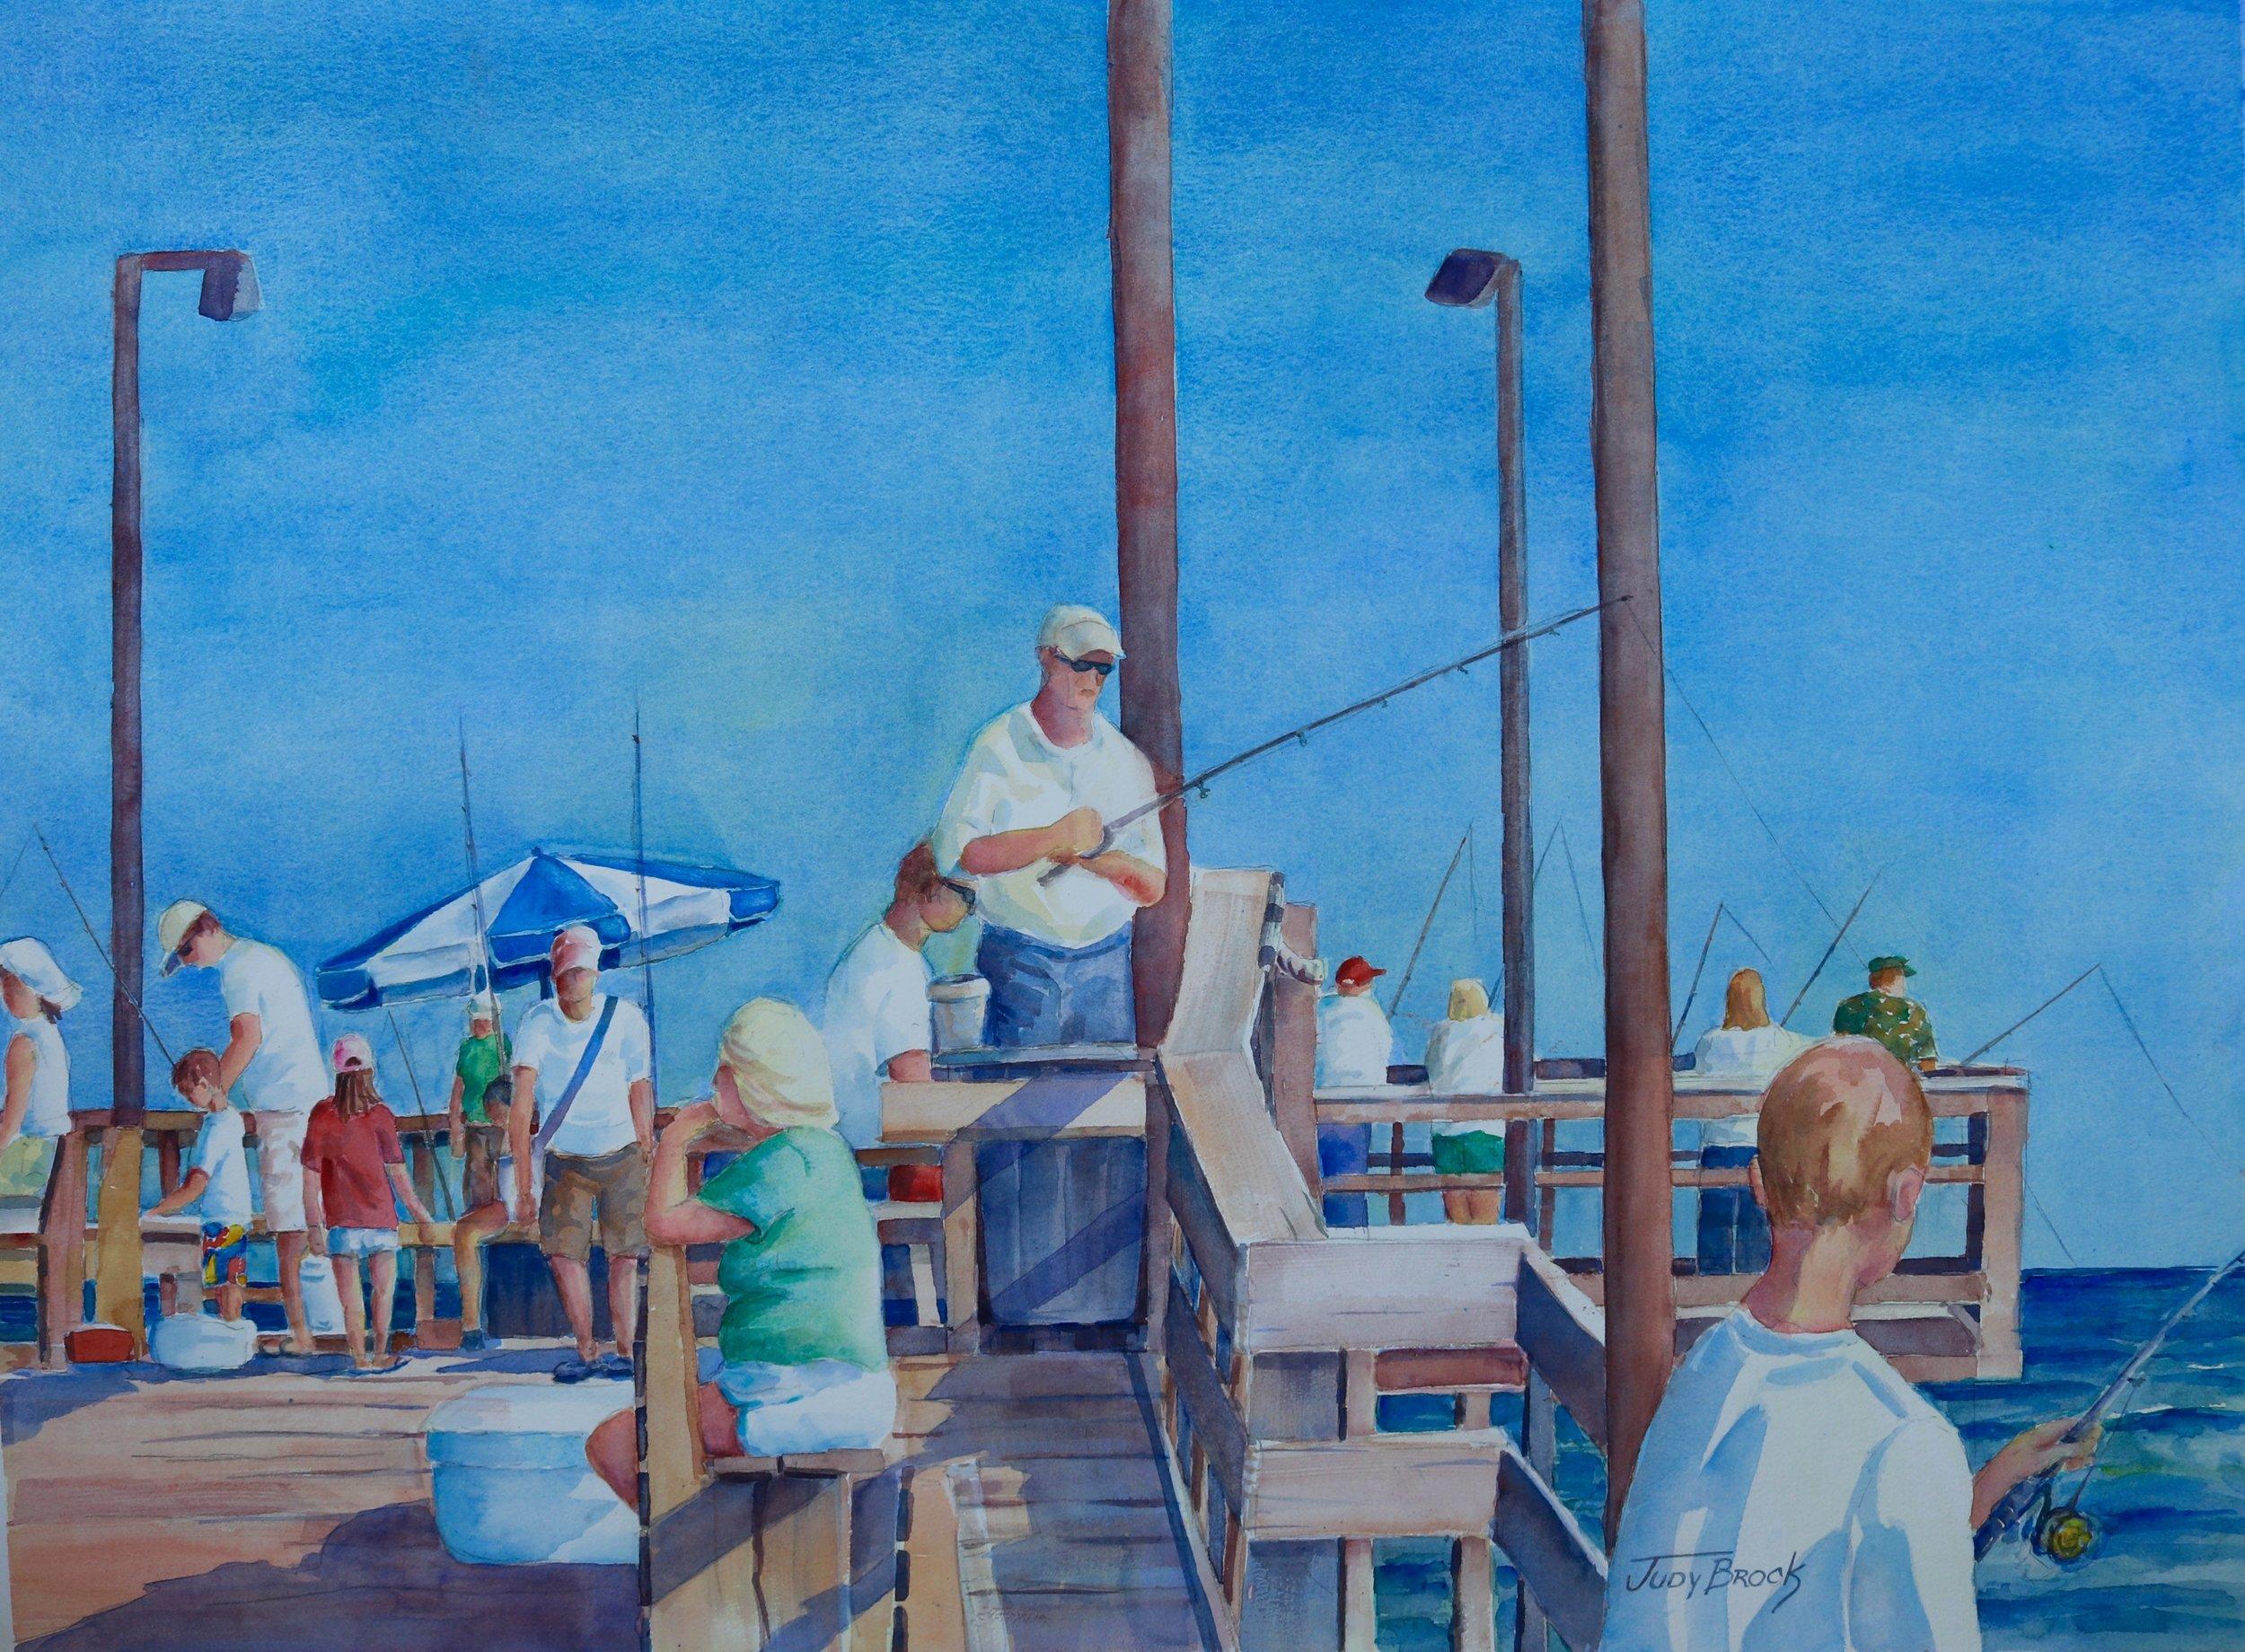 Jolly Roger- Pier Fishing